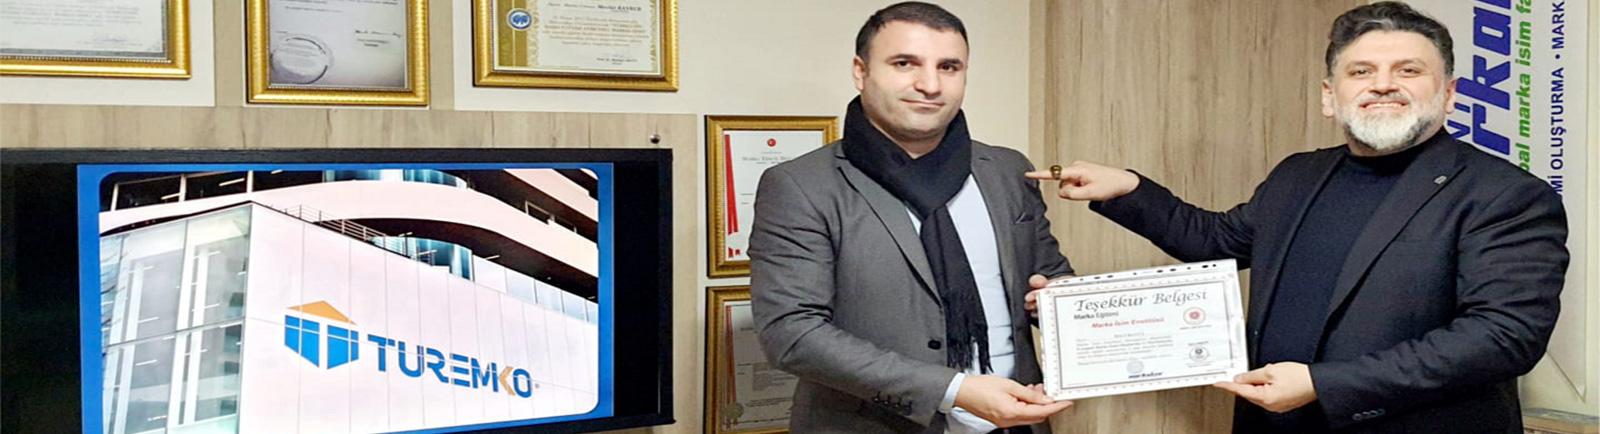 türkiyenin gayrimenkul organizatörü turemko